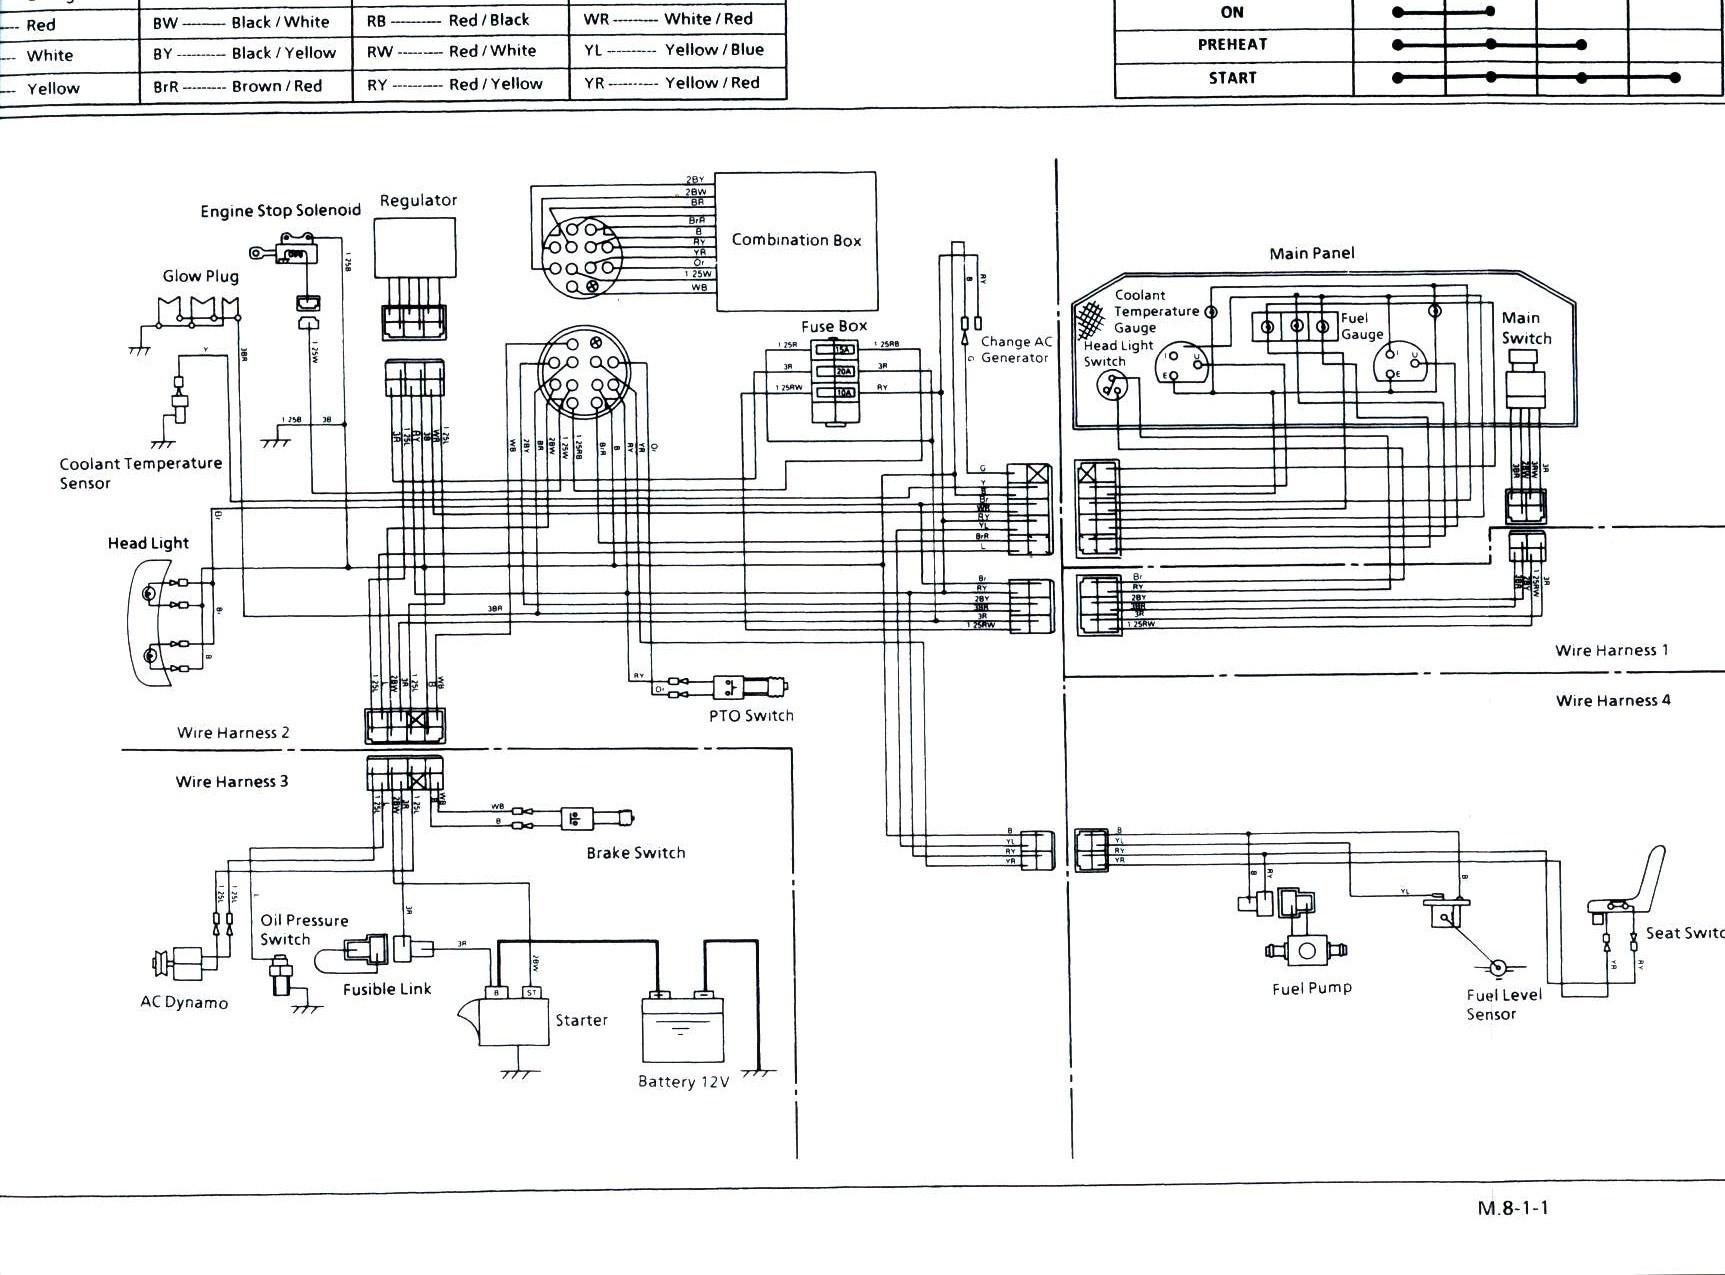 Diagram Kubota zd331 wiring diagram Elektriskt ... on